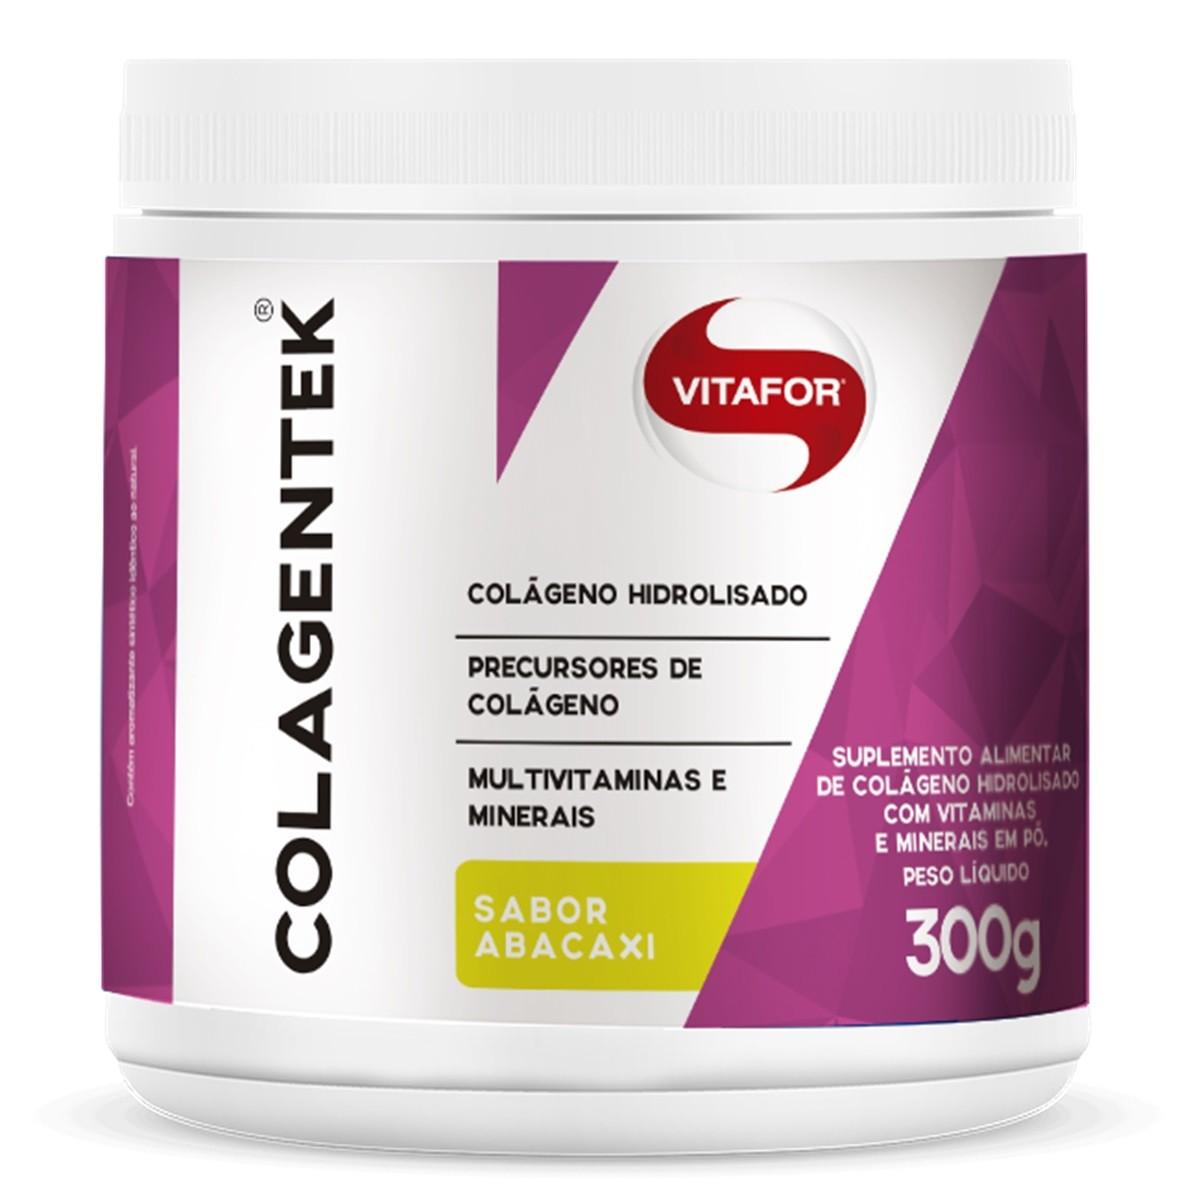 Colagentek - Vitafor - 300g